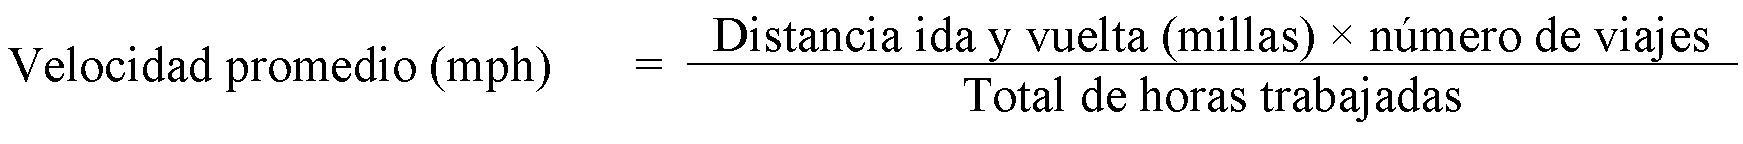 31 neumaticos - ecuacion 9.16